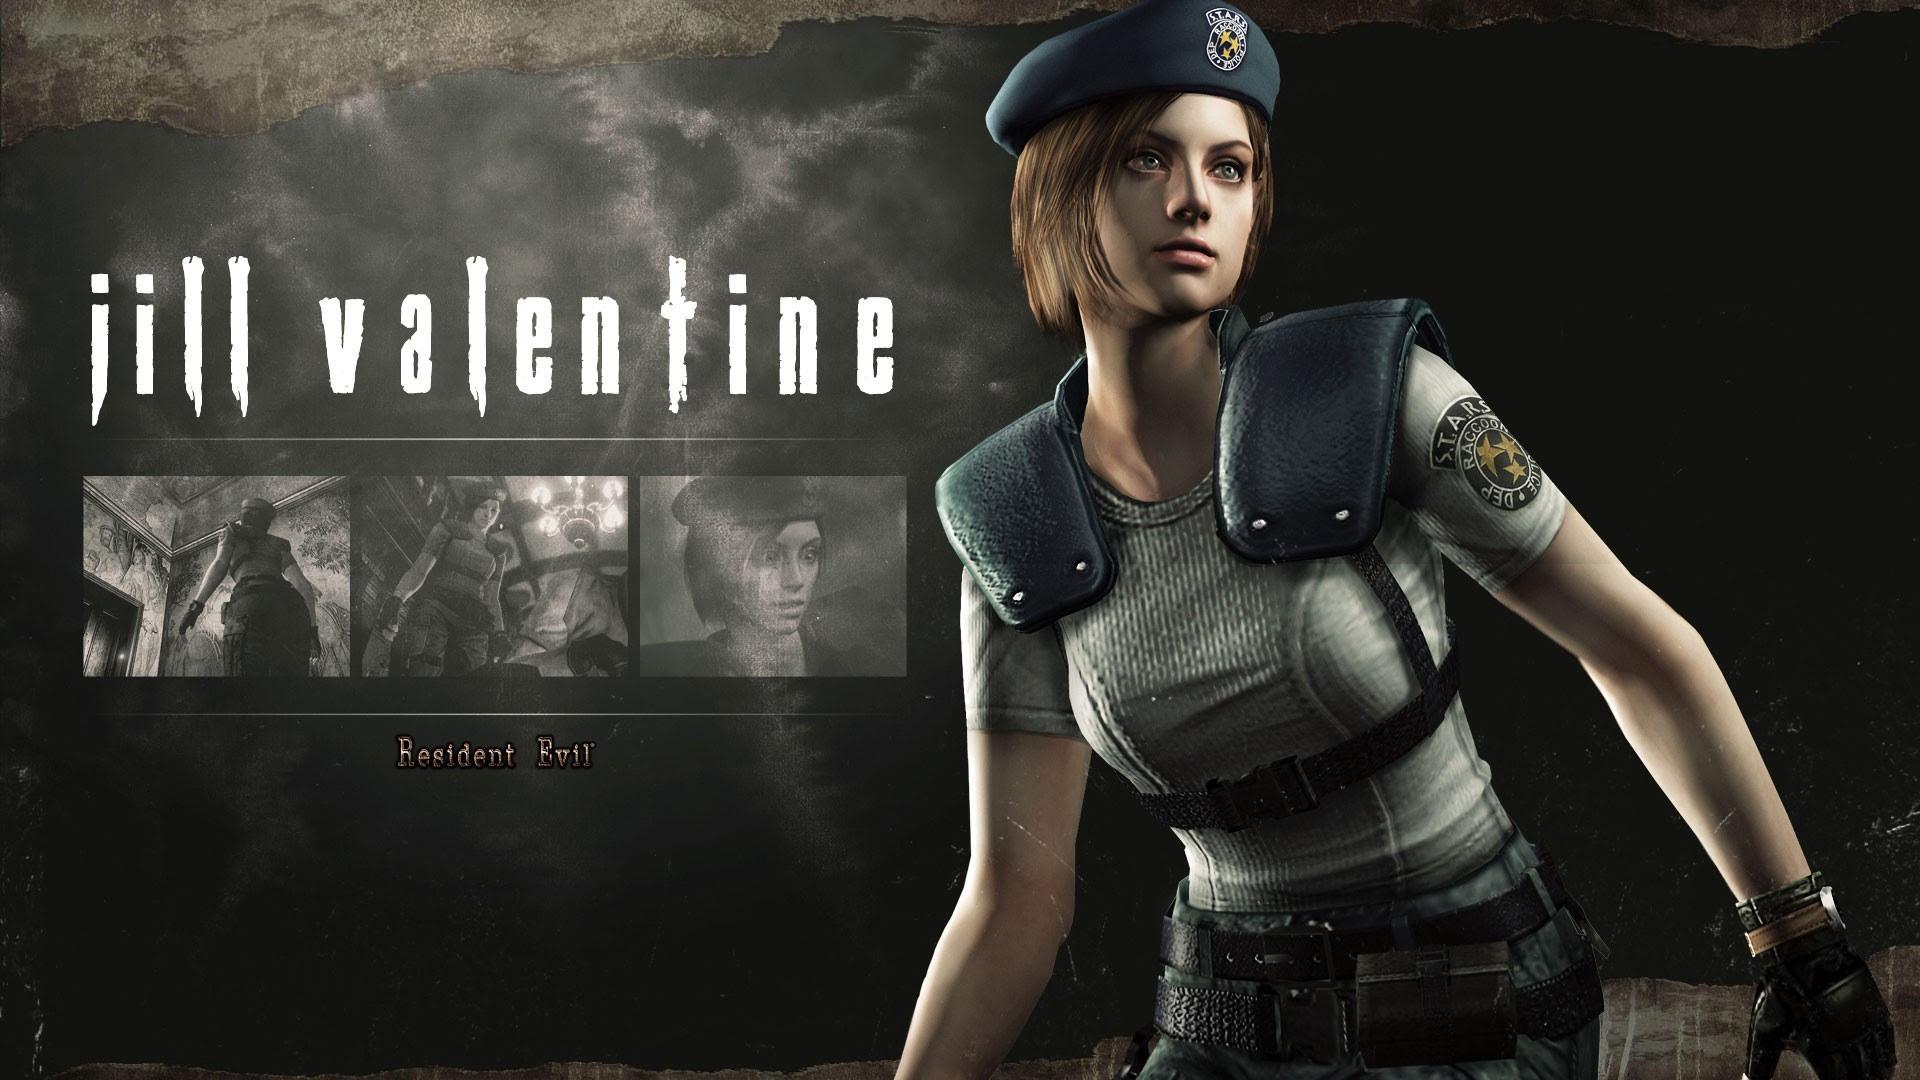 Resident Evil Jill Valentine Wallpaper 76 Images